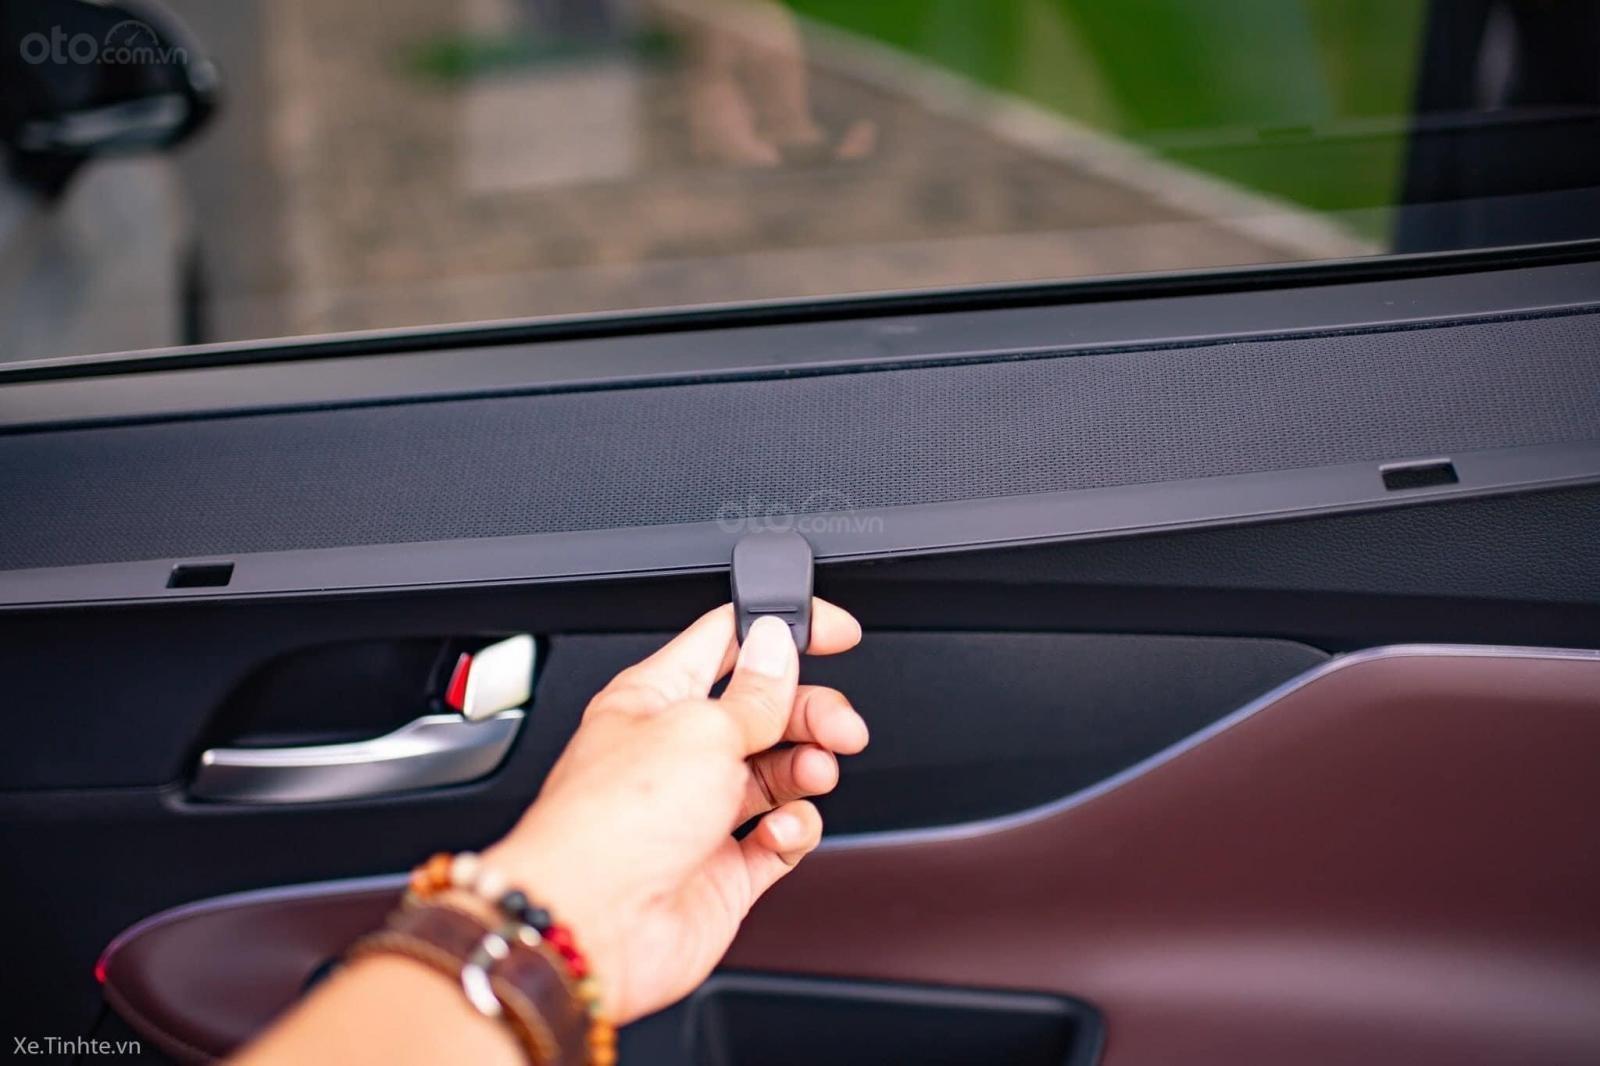 Hyundai Santafe ưu đãi ngay 70 triệu, 50% thuế, full bộ phụ kiện, xe đủ màu giao ngay chạy Tết (7)